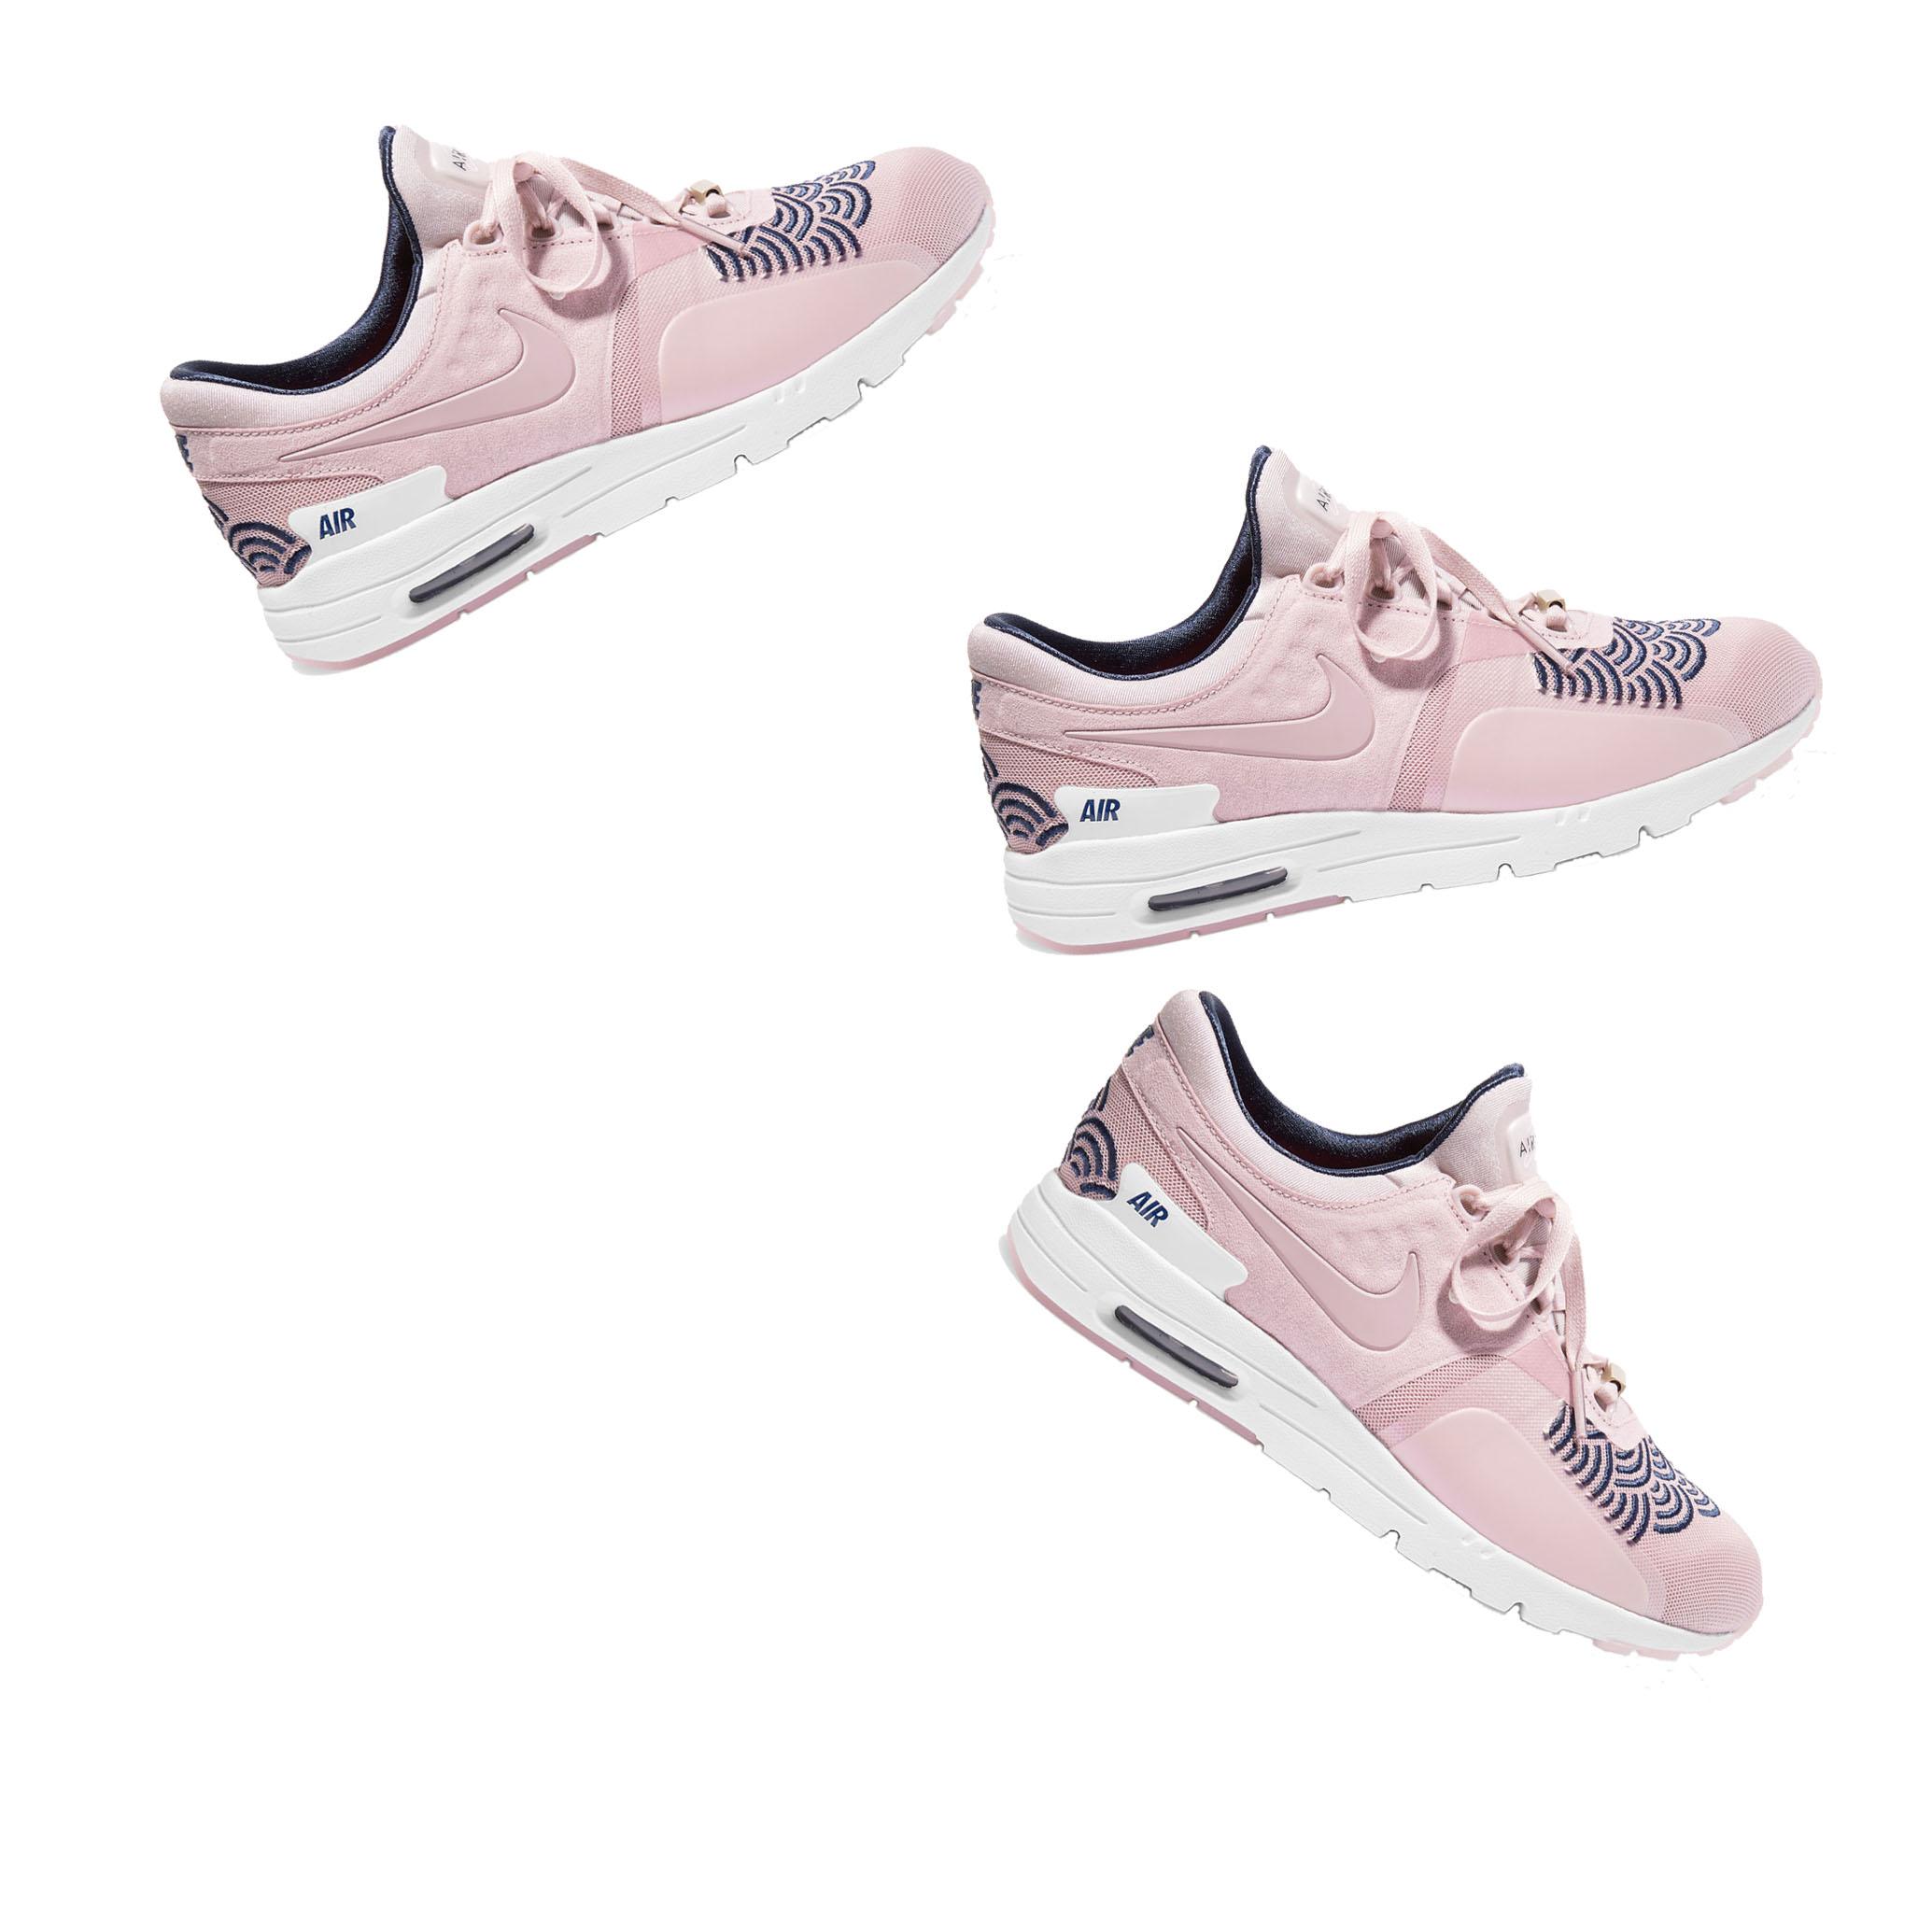 skor till gymmet